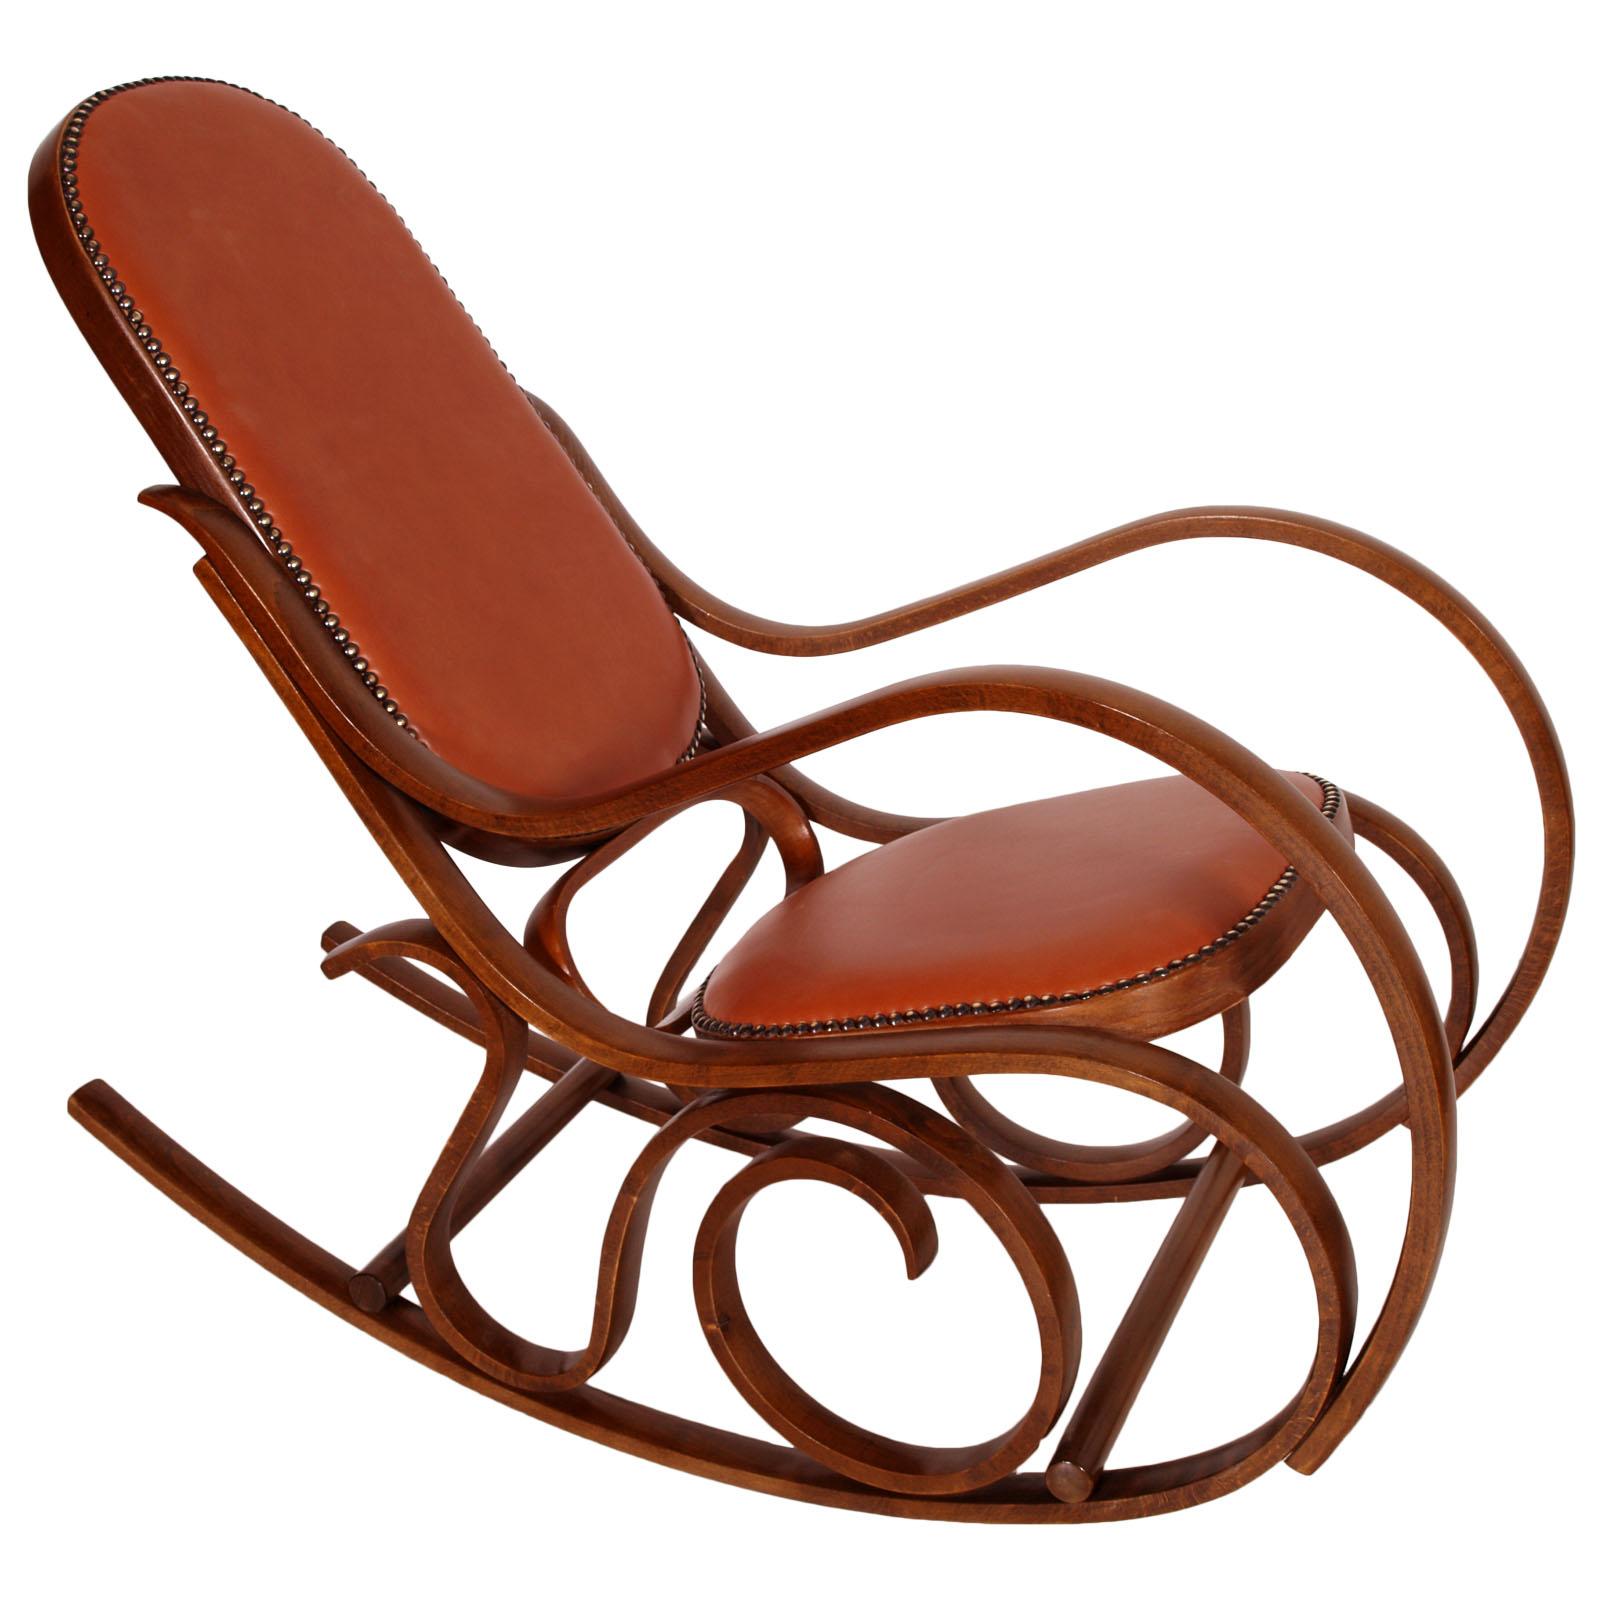 Sedia A Dondolo Thonet Originale.Sedia Poltrona A Dondolo Thonet Liberty Primi 900 Rocking Chair Ma M07 Ebay